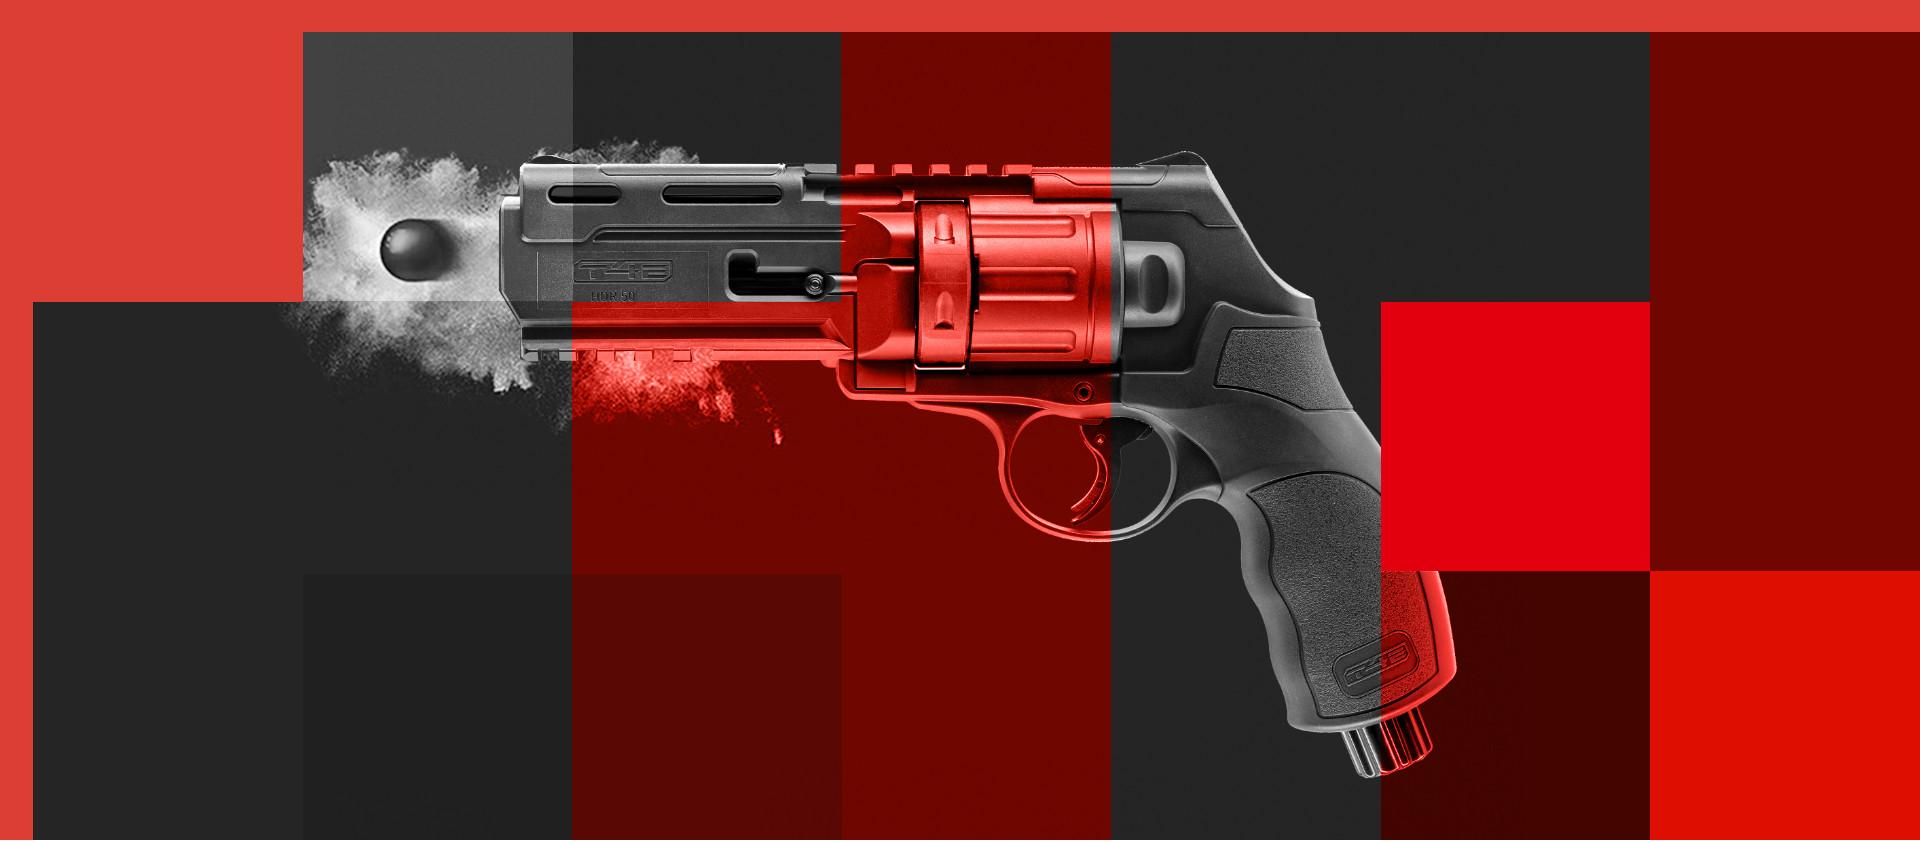 L'arme de défense nouvelle génération